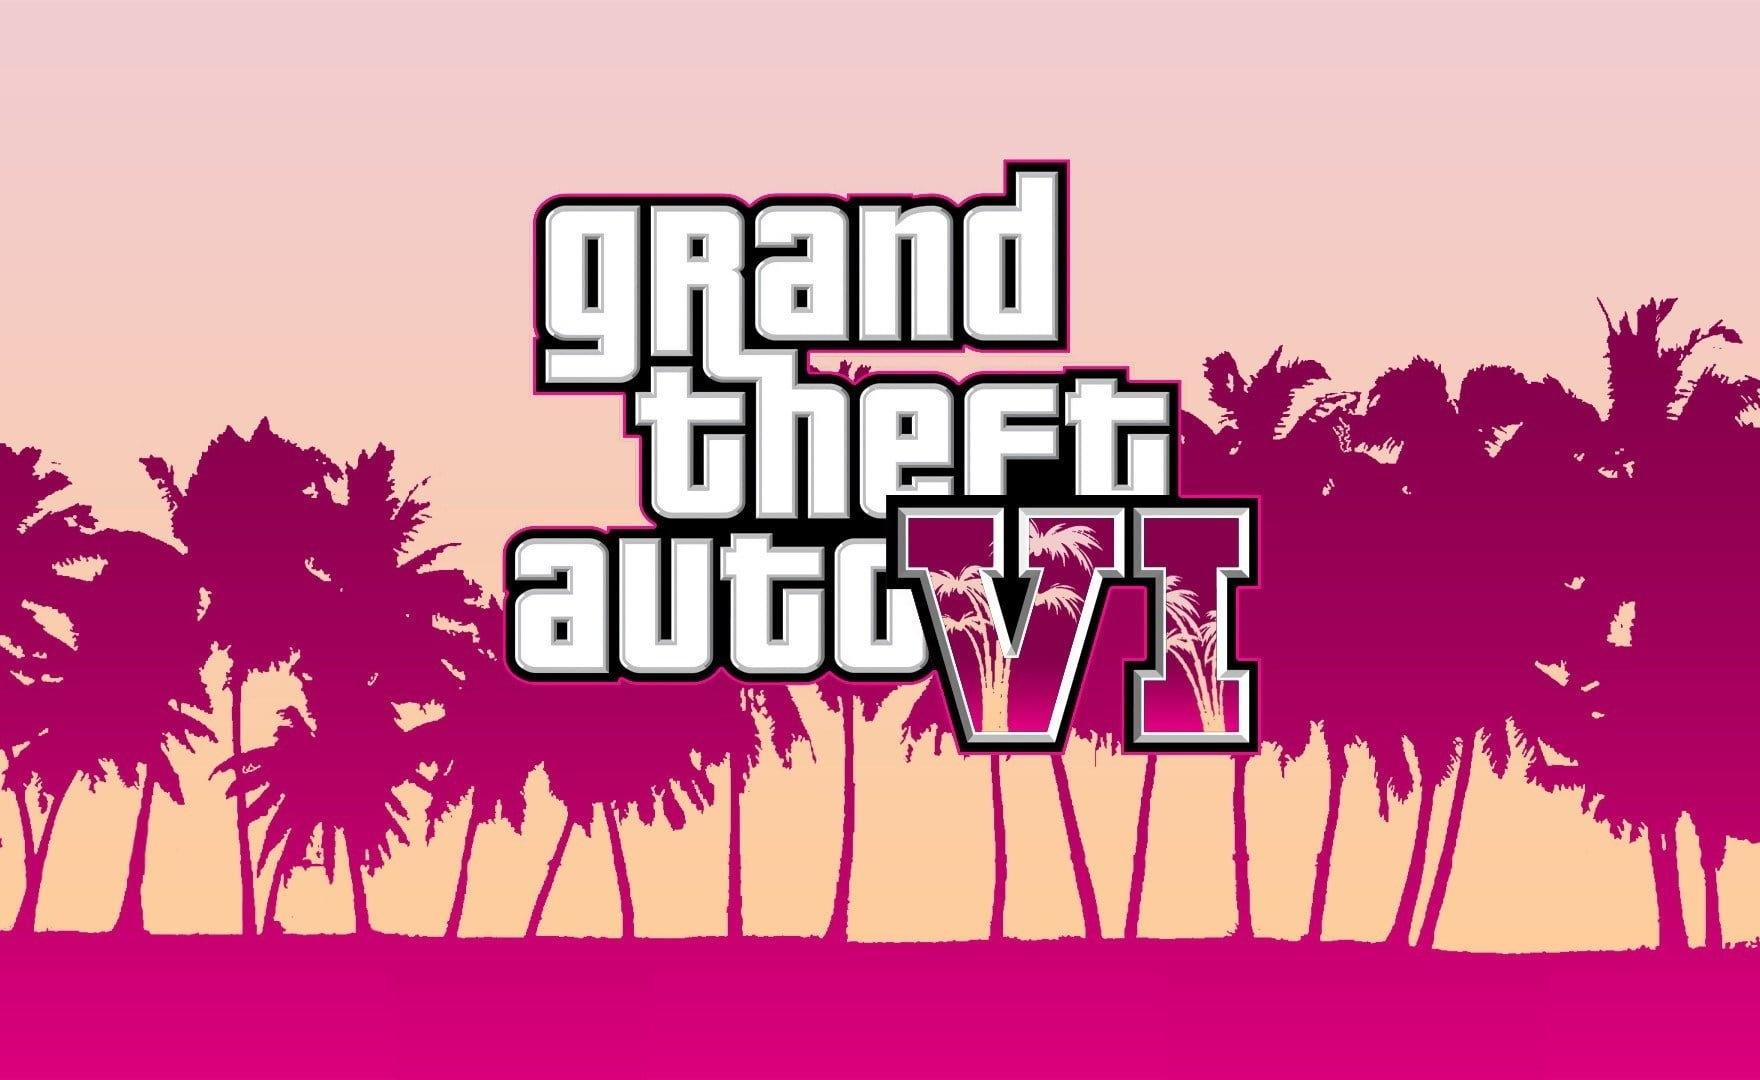 GTA 6 forse non è lontano: Take-Two vuole ridurre i tempi di sviluppo e inserire contenuti dopo il lancio